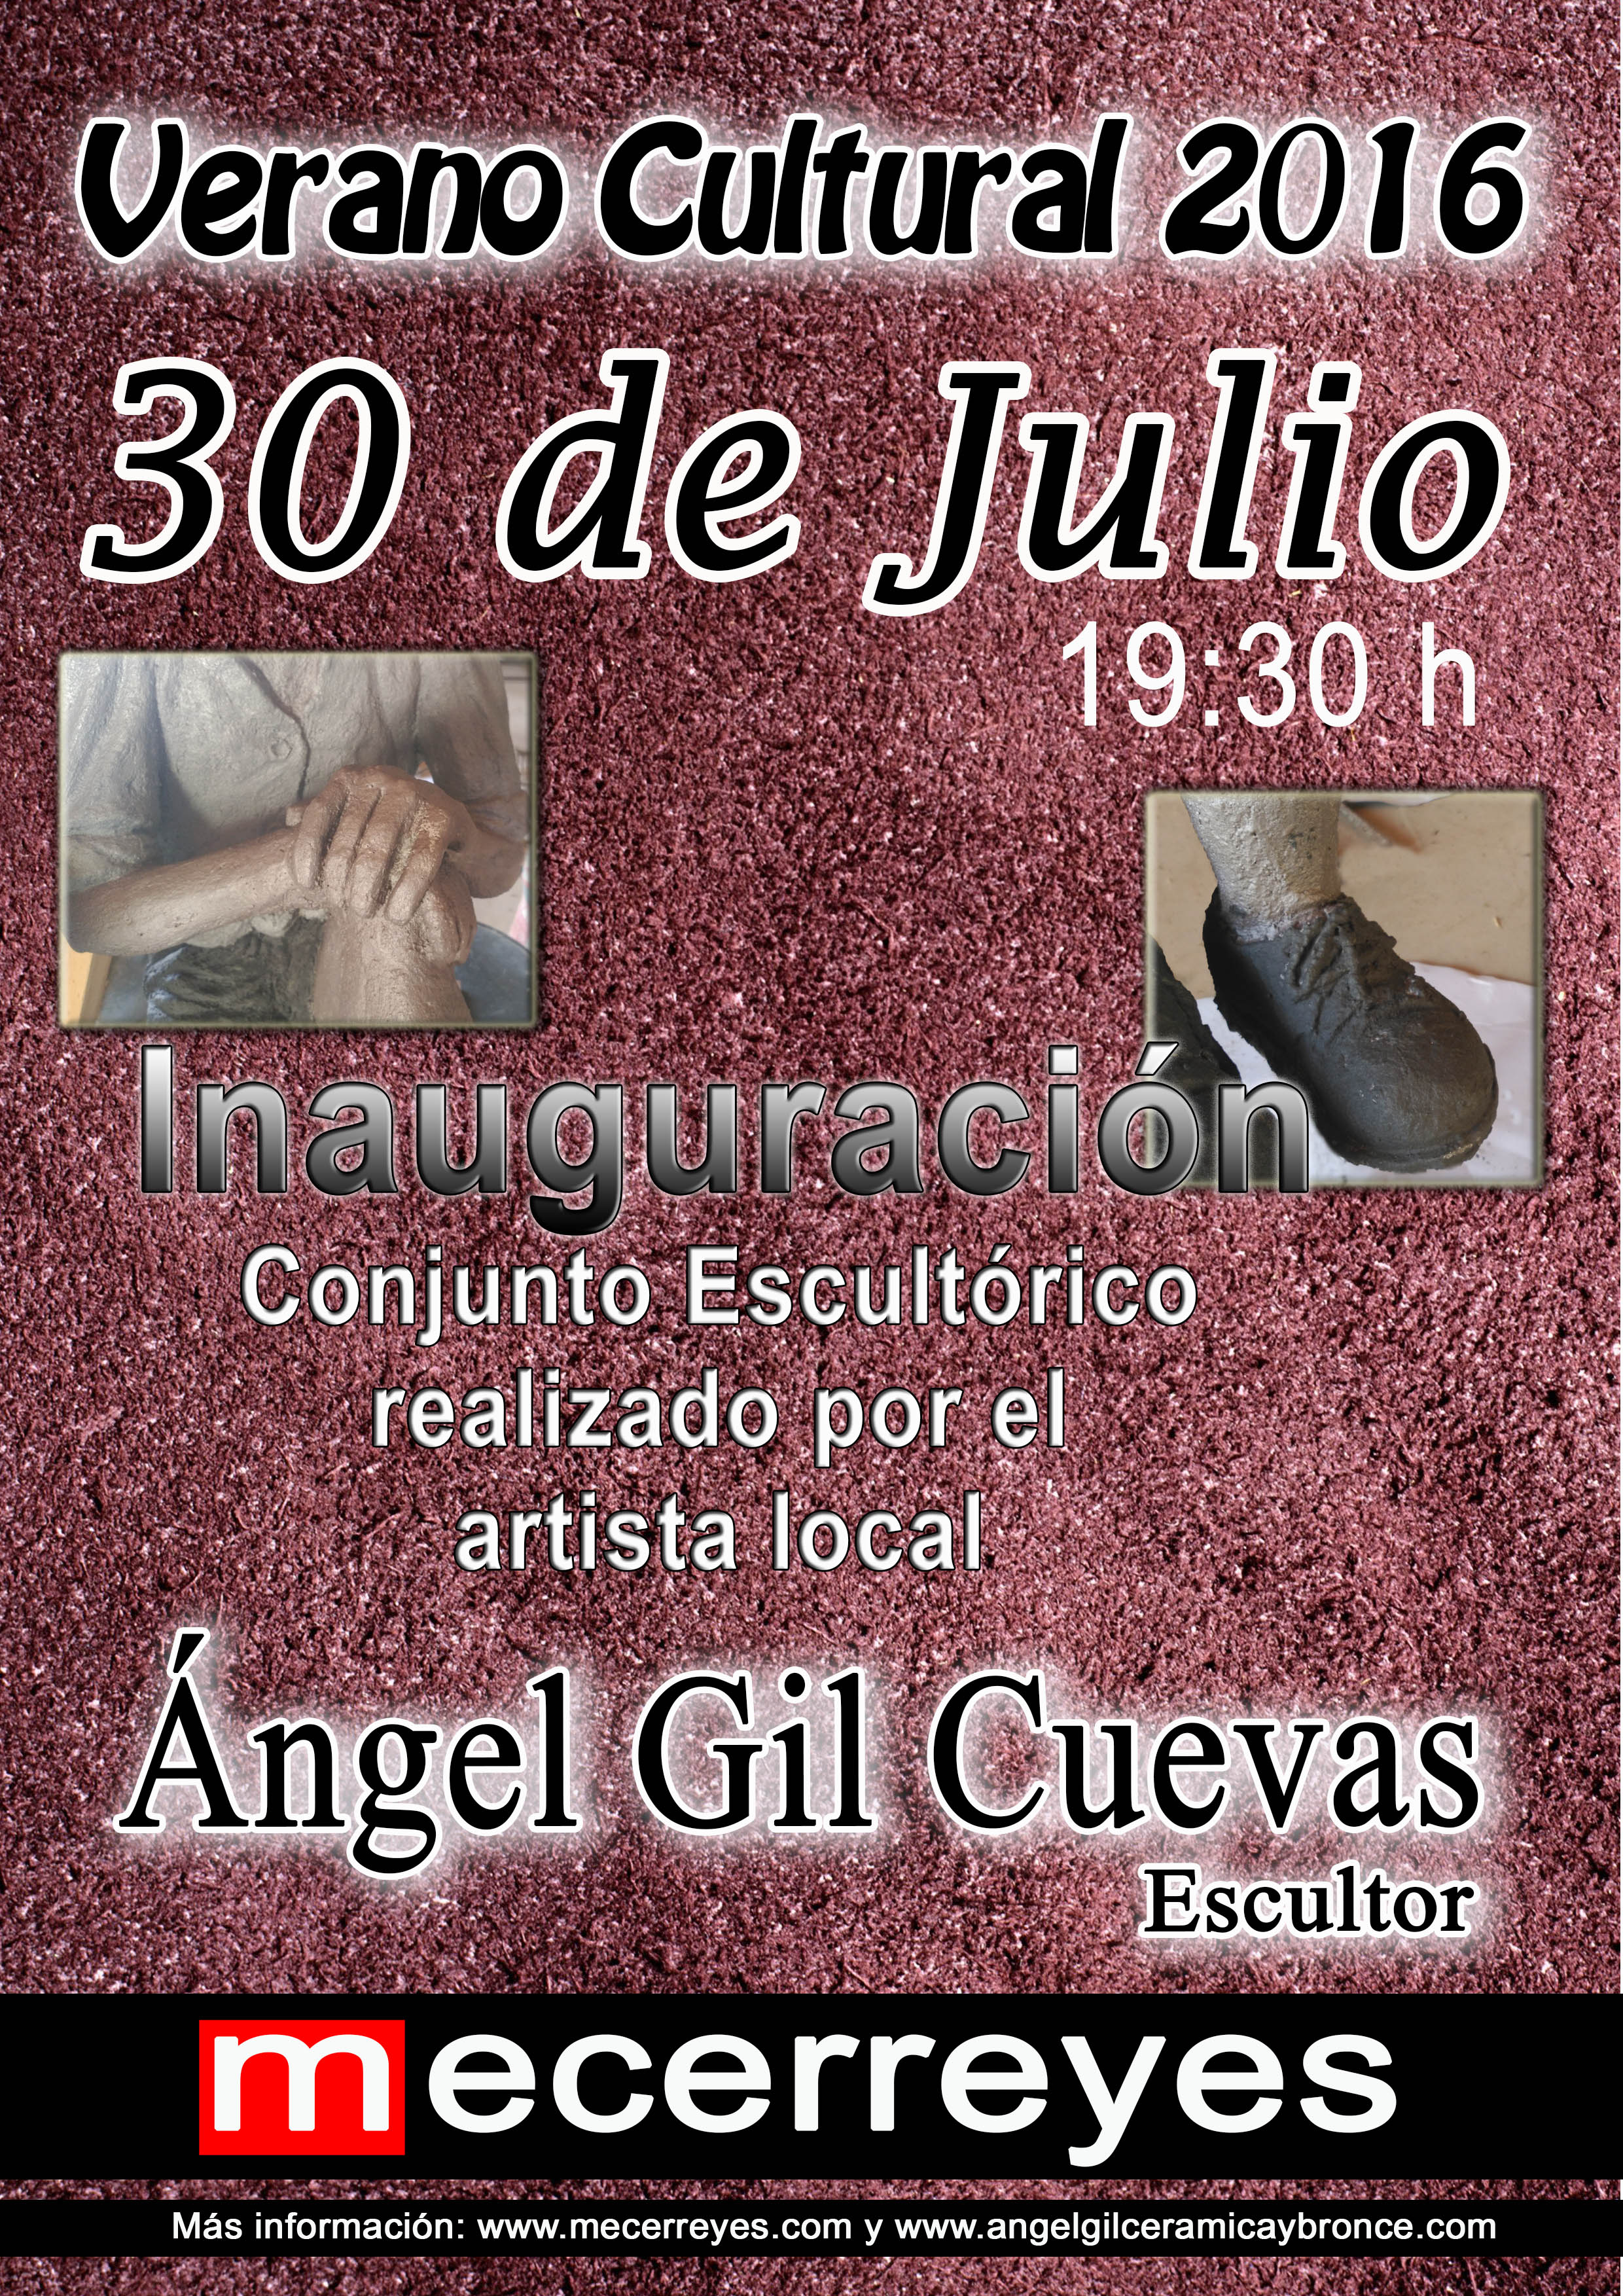 Mecerreyes, Verano Cultural 2016-Angel Gil, esculturas niños